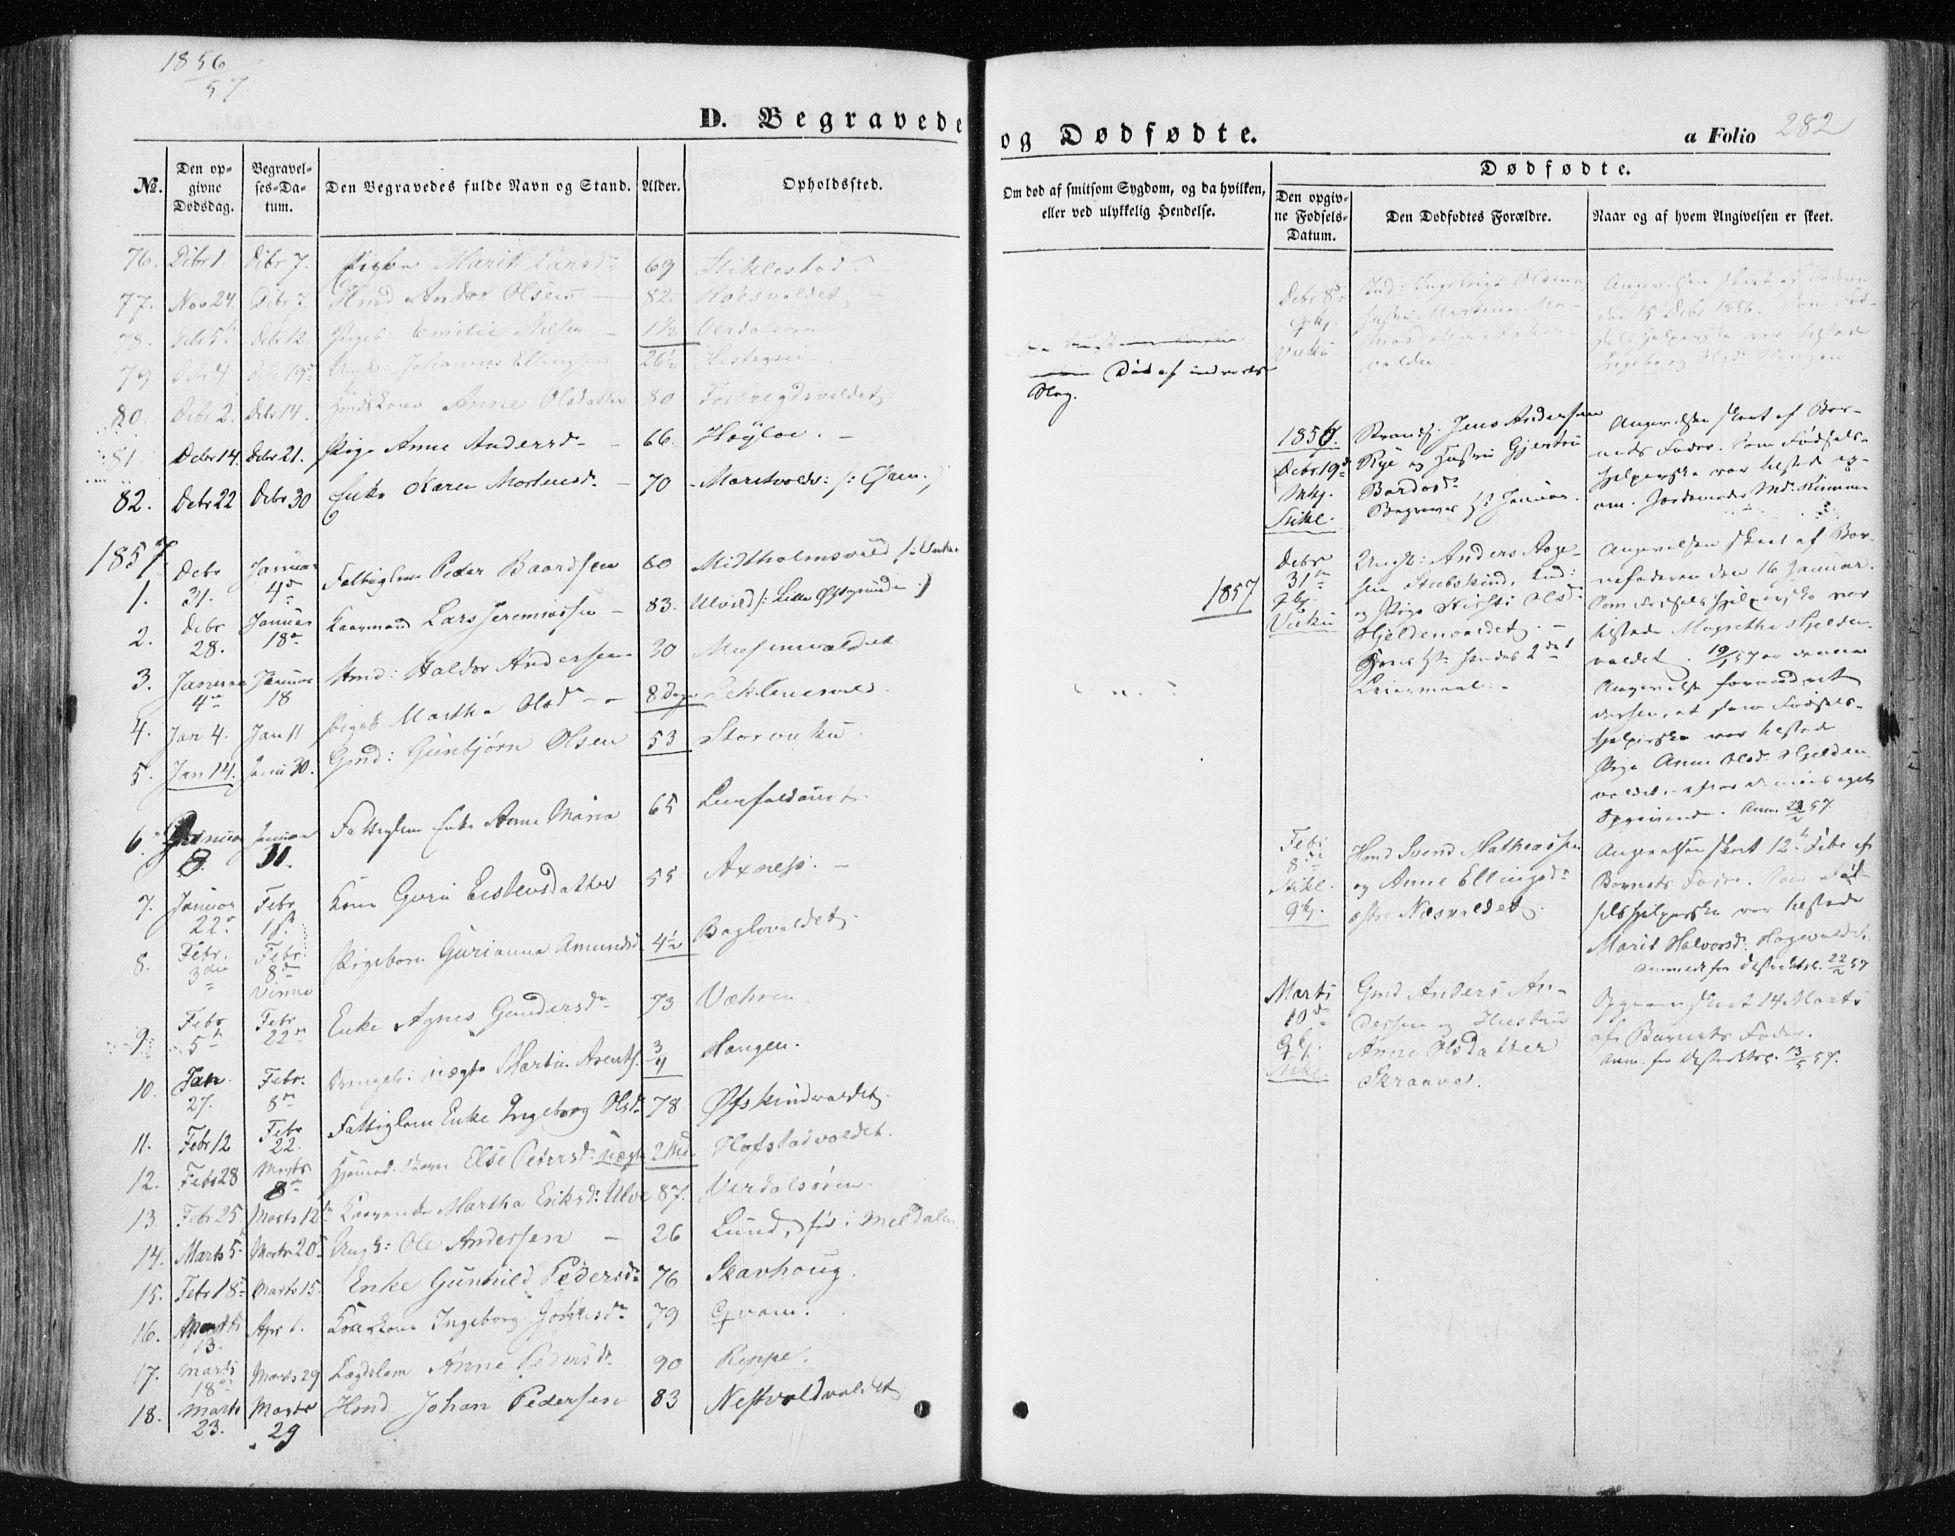 SAT, Ministerialprotokoller, klokkerbøker og fødselsregistre - Nord-Trøndelag, 723/L0240: Ministerialbok nr. 723A09, 1852-1860, s. 282